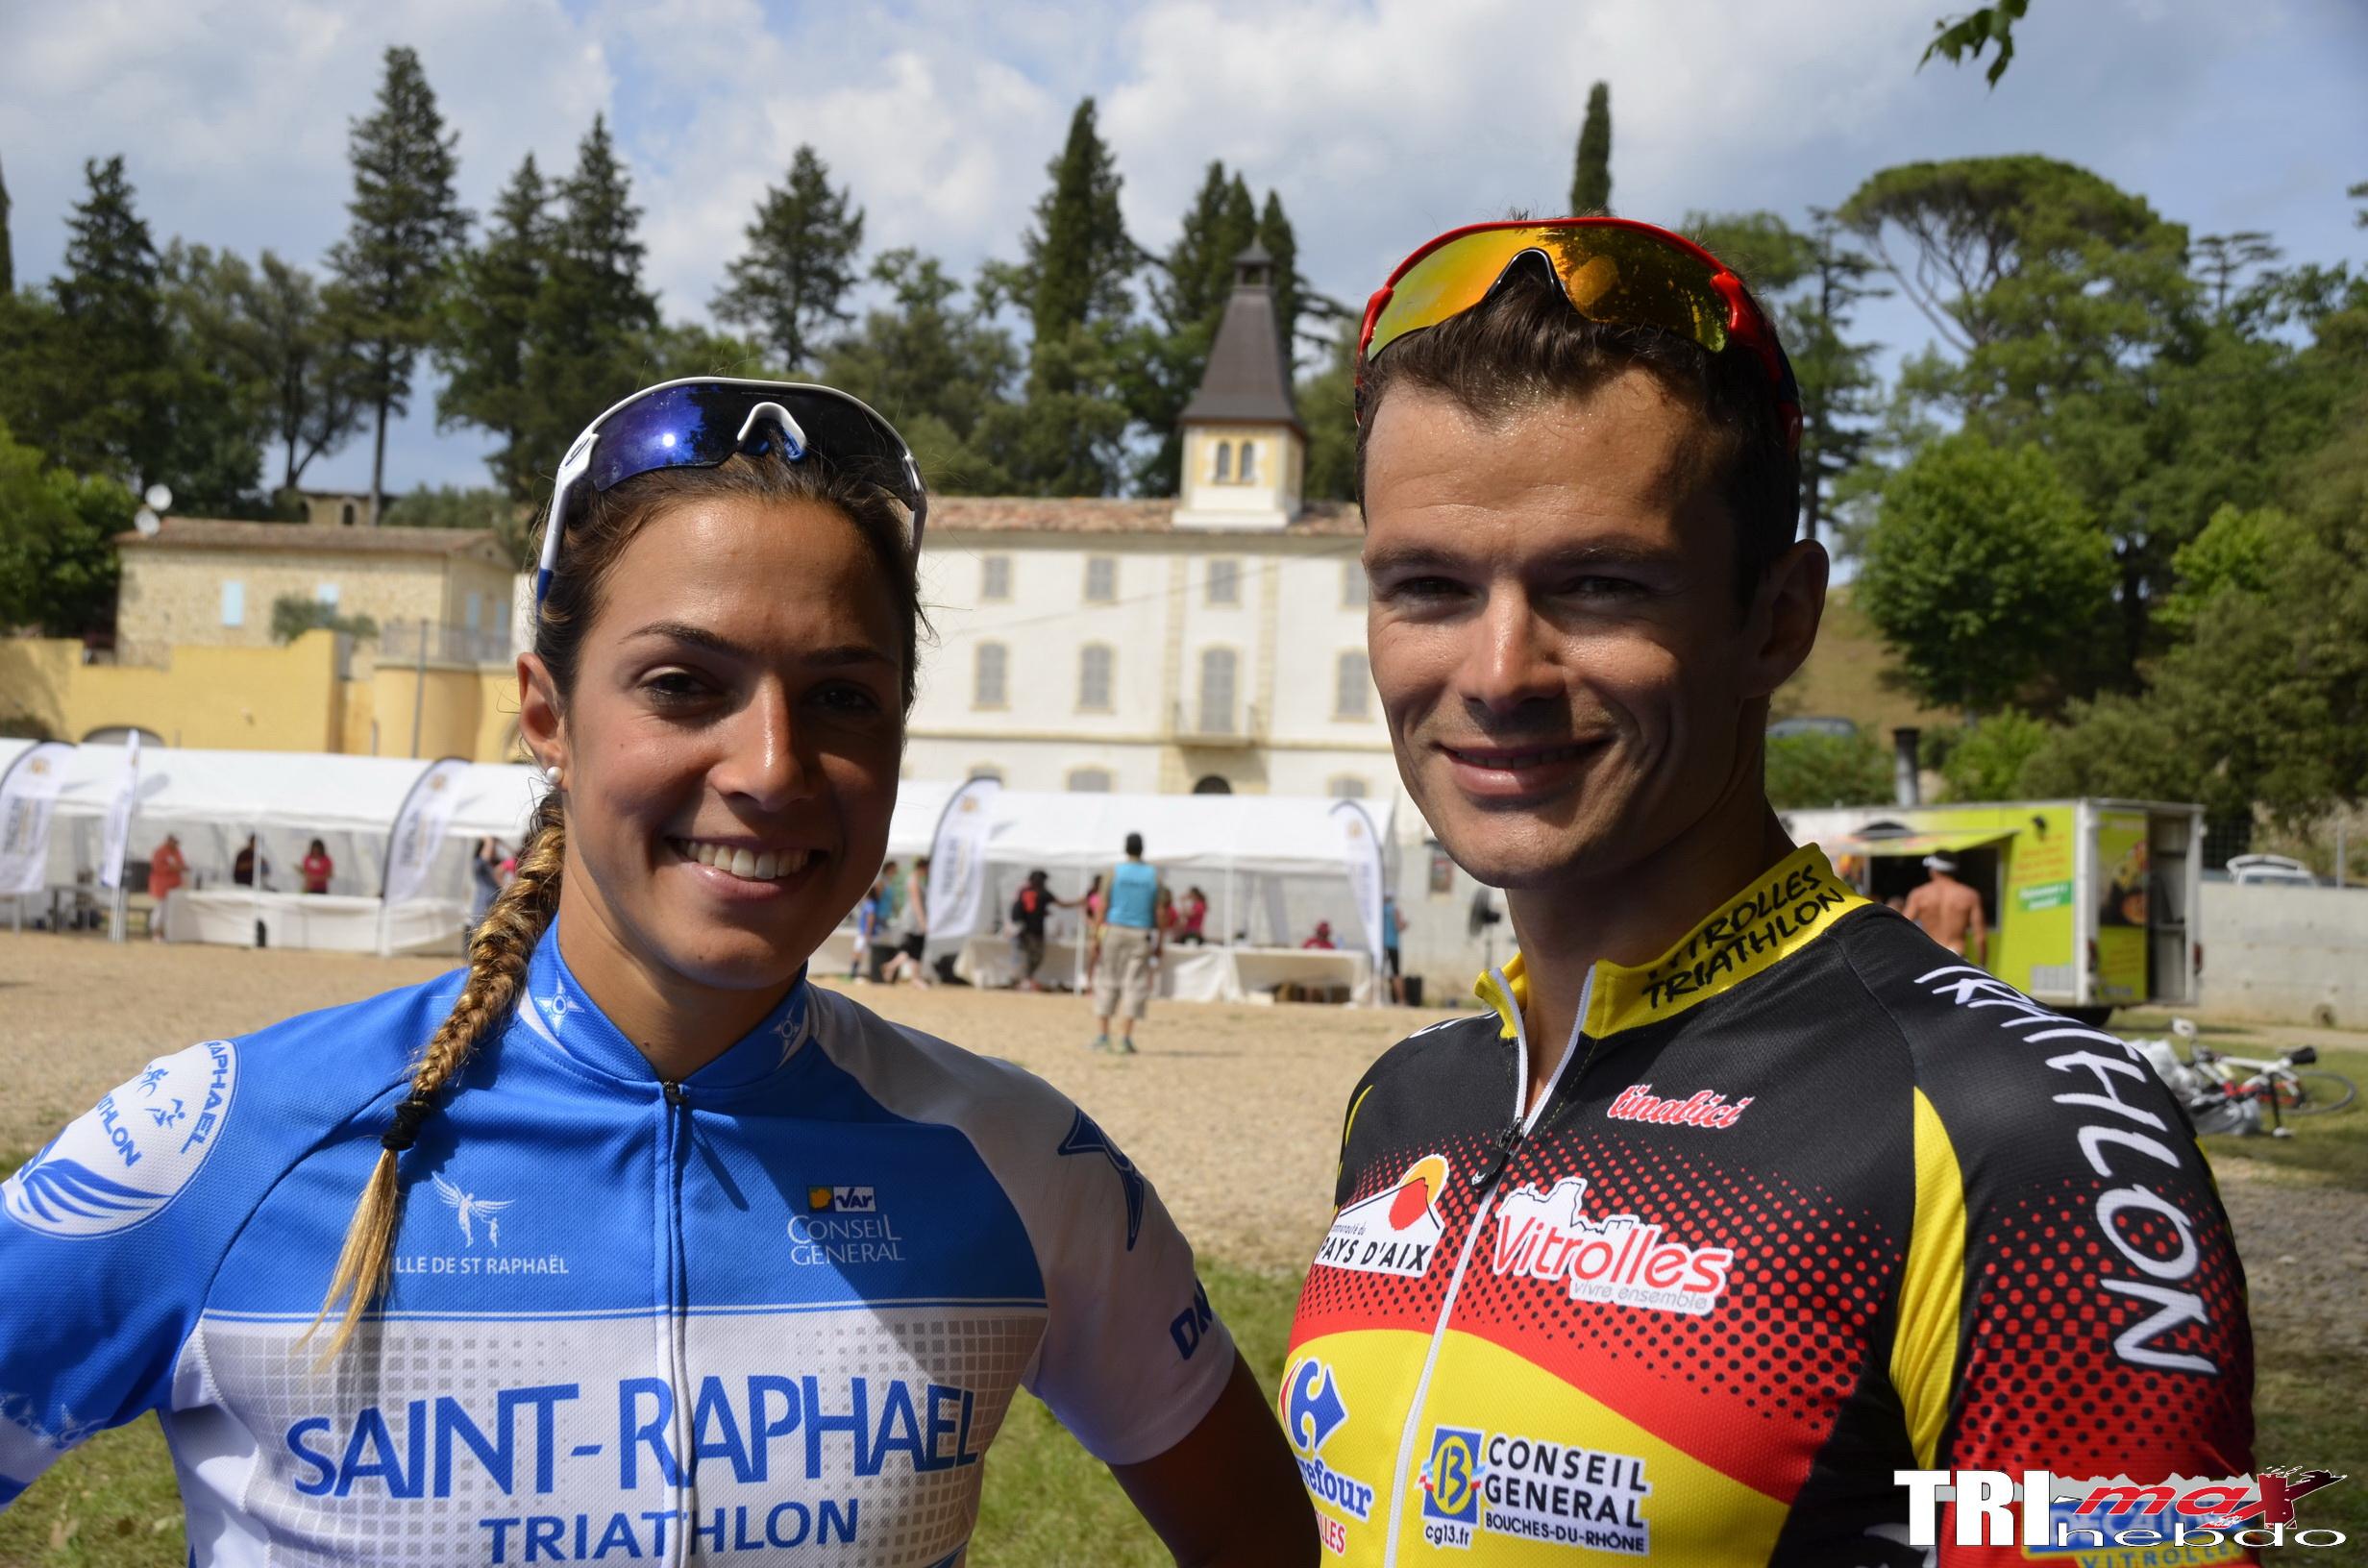 Victoire de Frédéric Belaubre et Charlotte Morel au triathlon M du Château de la Martinette